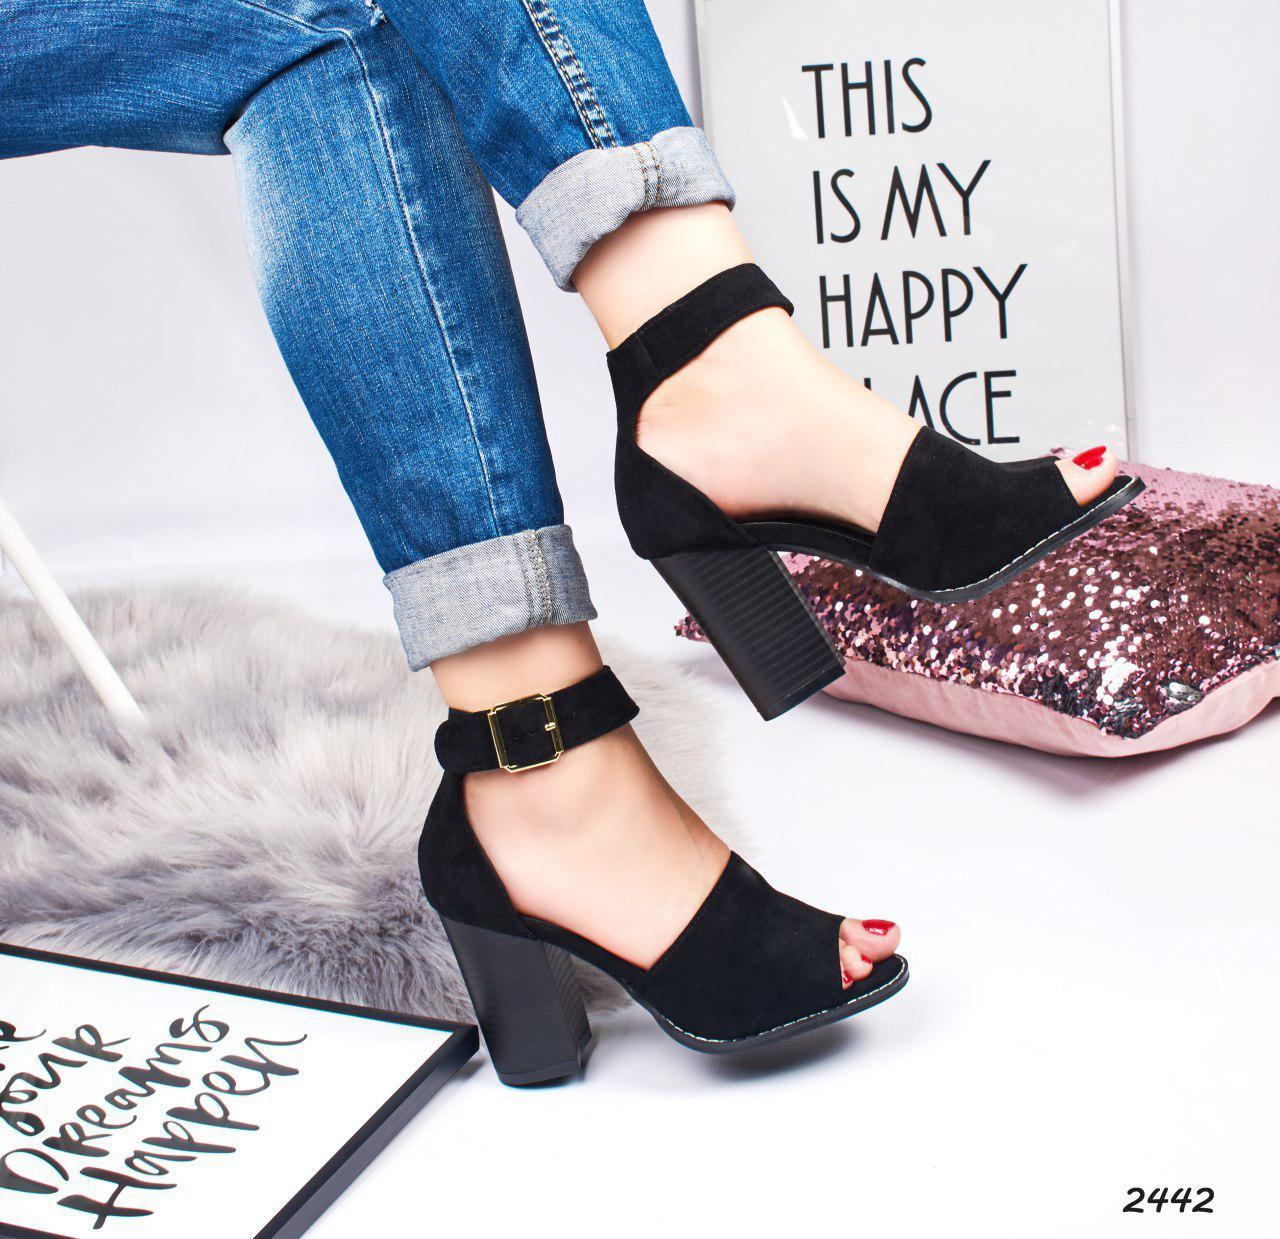 7c5e8f5d5c57 Классические женские босоножки на каблуке черные, размеры: 41: продажа,  цена в ...